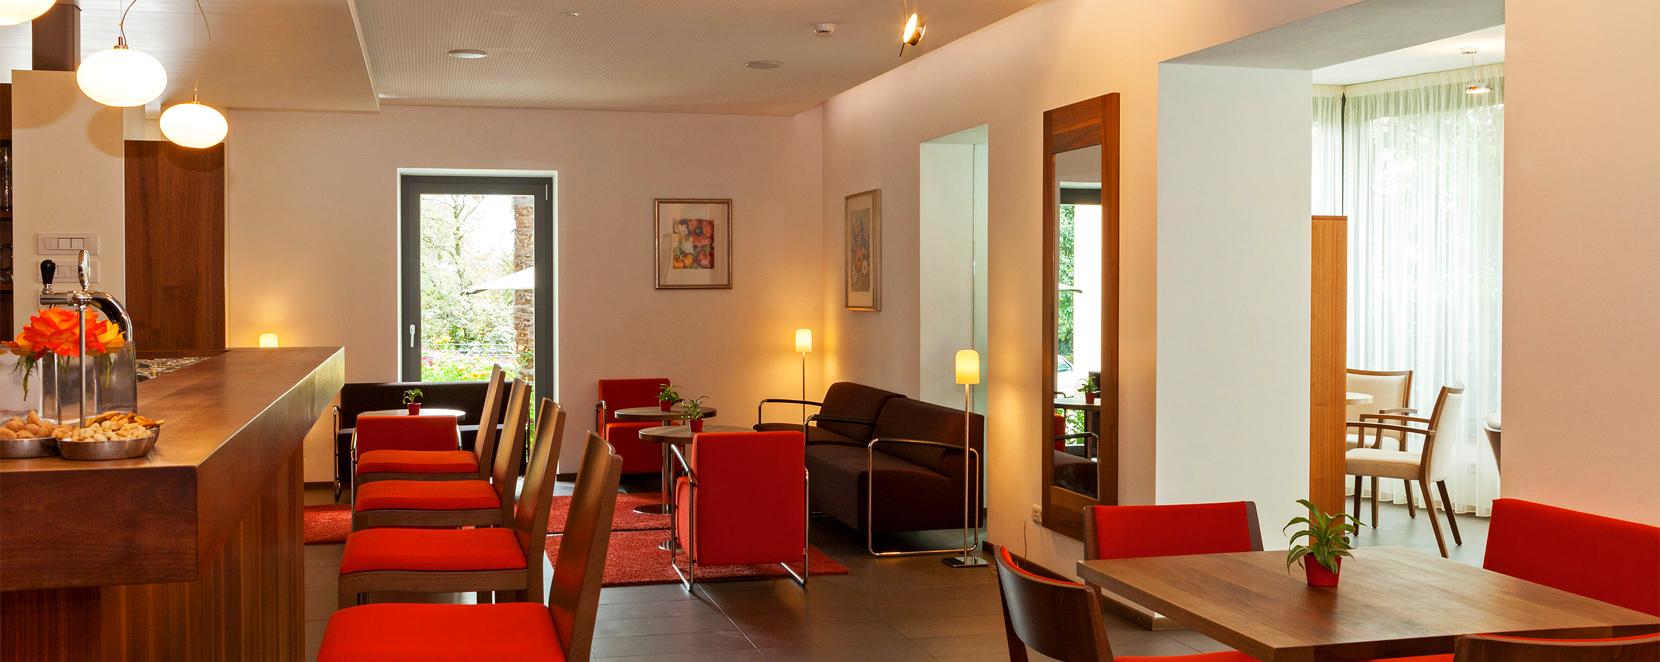 Bar - Hotel Thurnergut at Tirolo near Merano